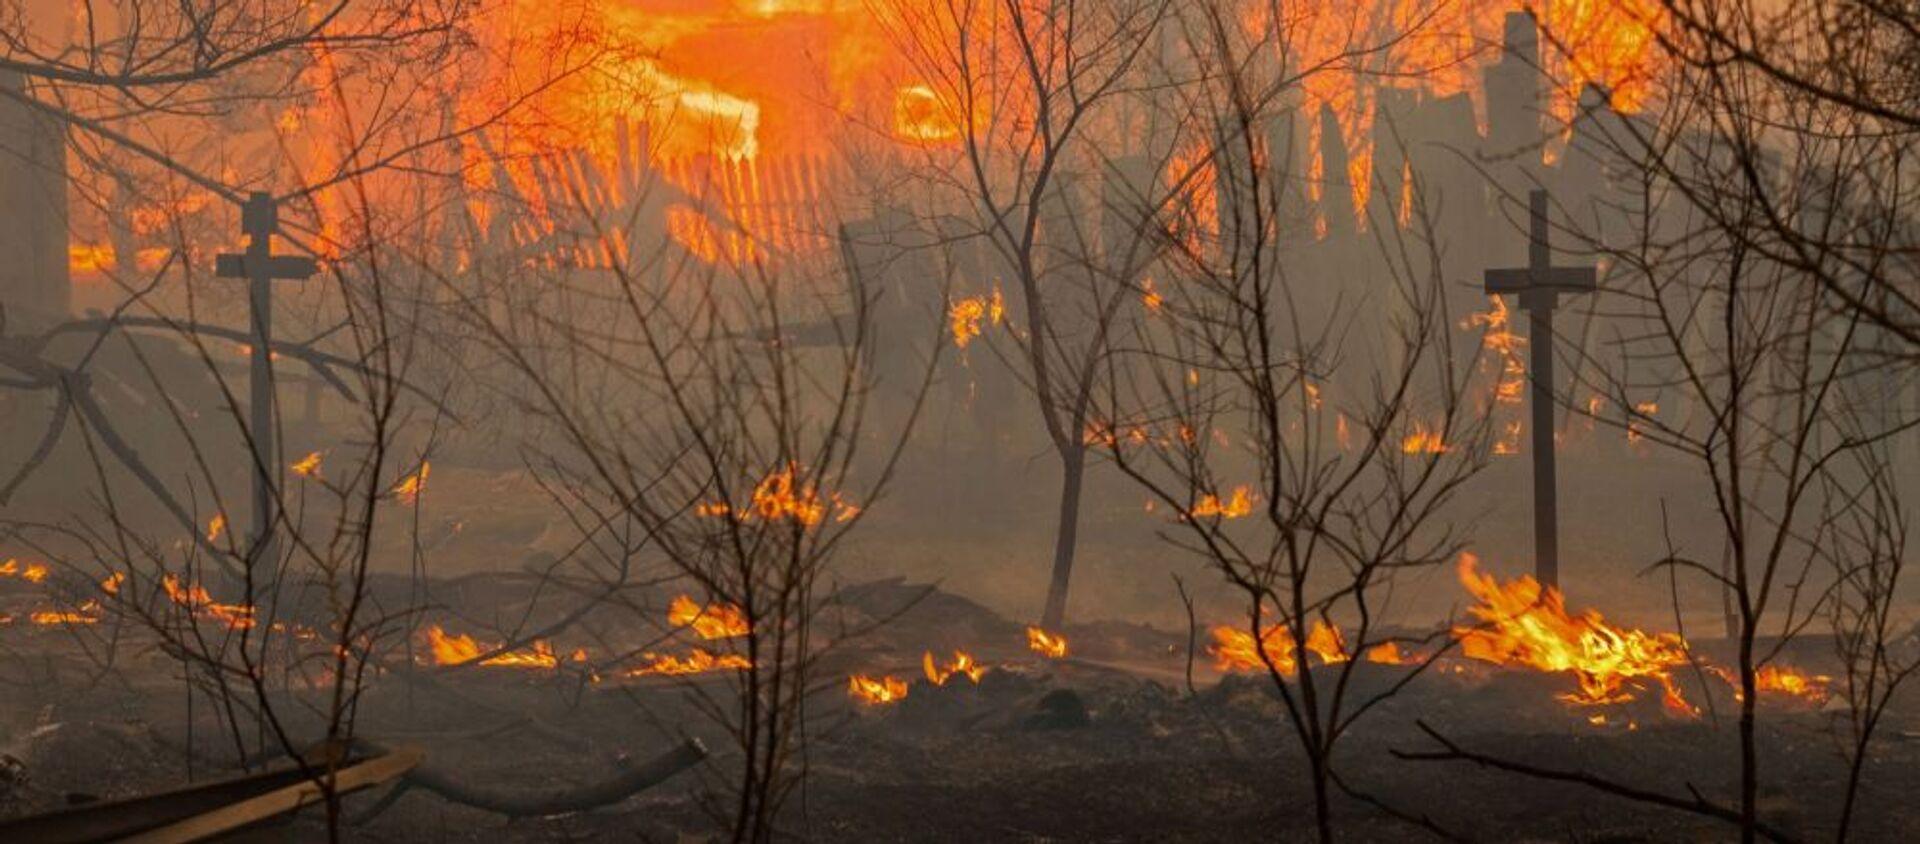 Đám cháy ở ngoại ô thành phố Abakan, Khakassia. - Sputnik Việt Nam, 1920, 21.12.2017